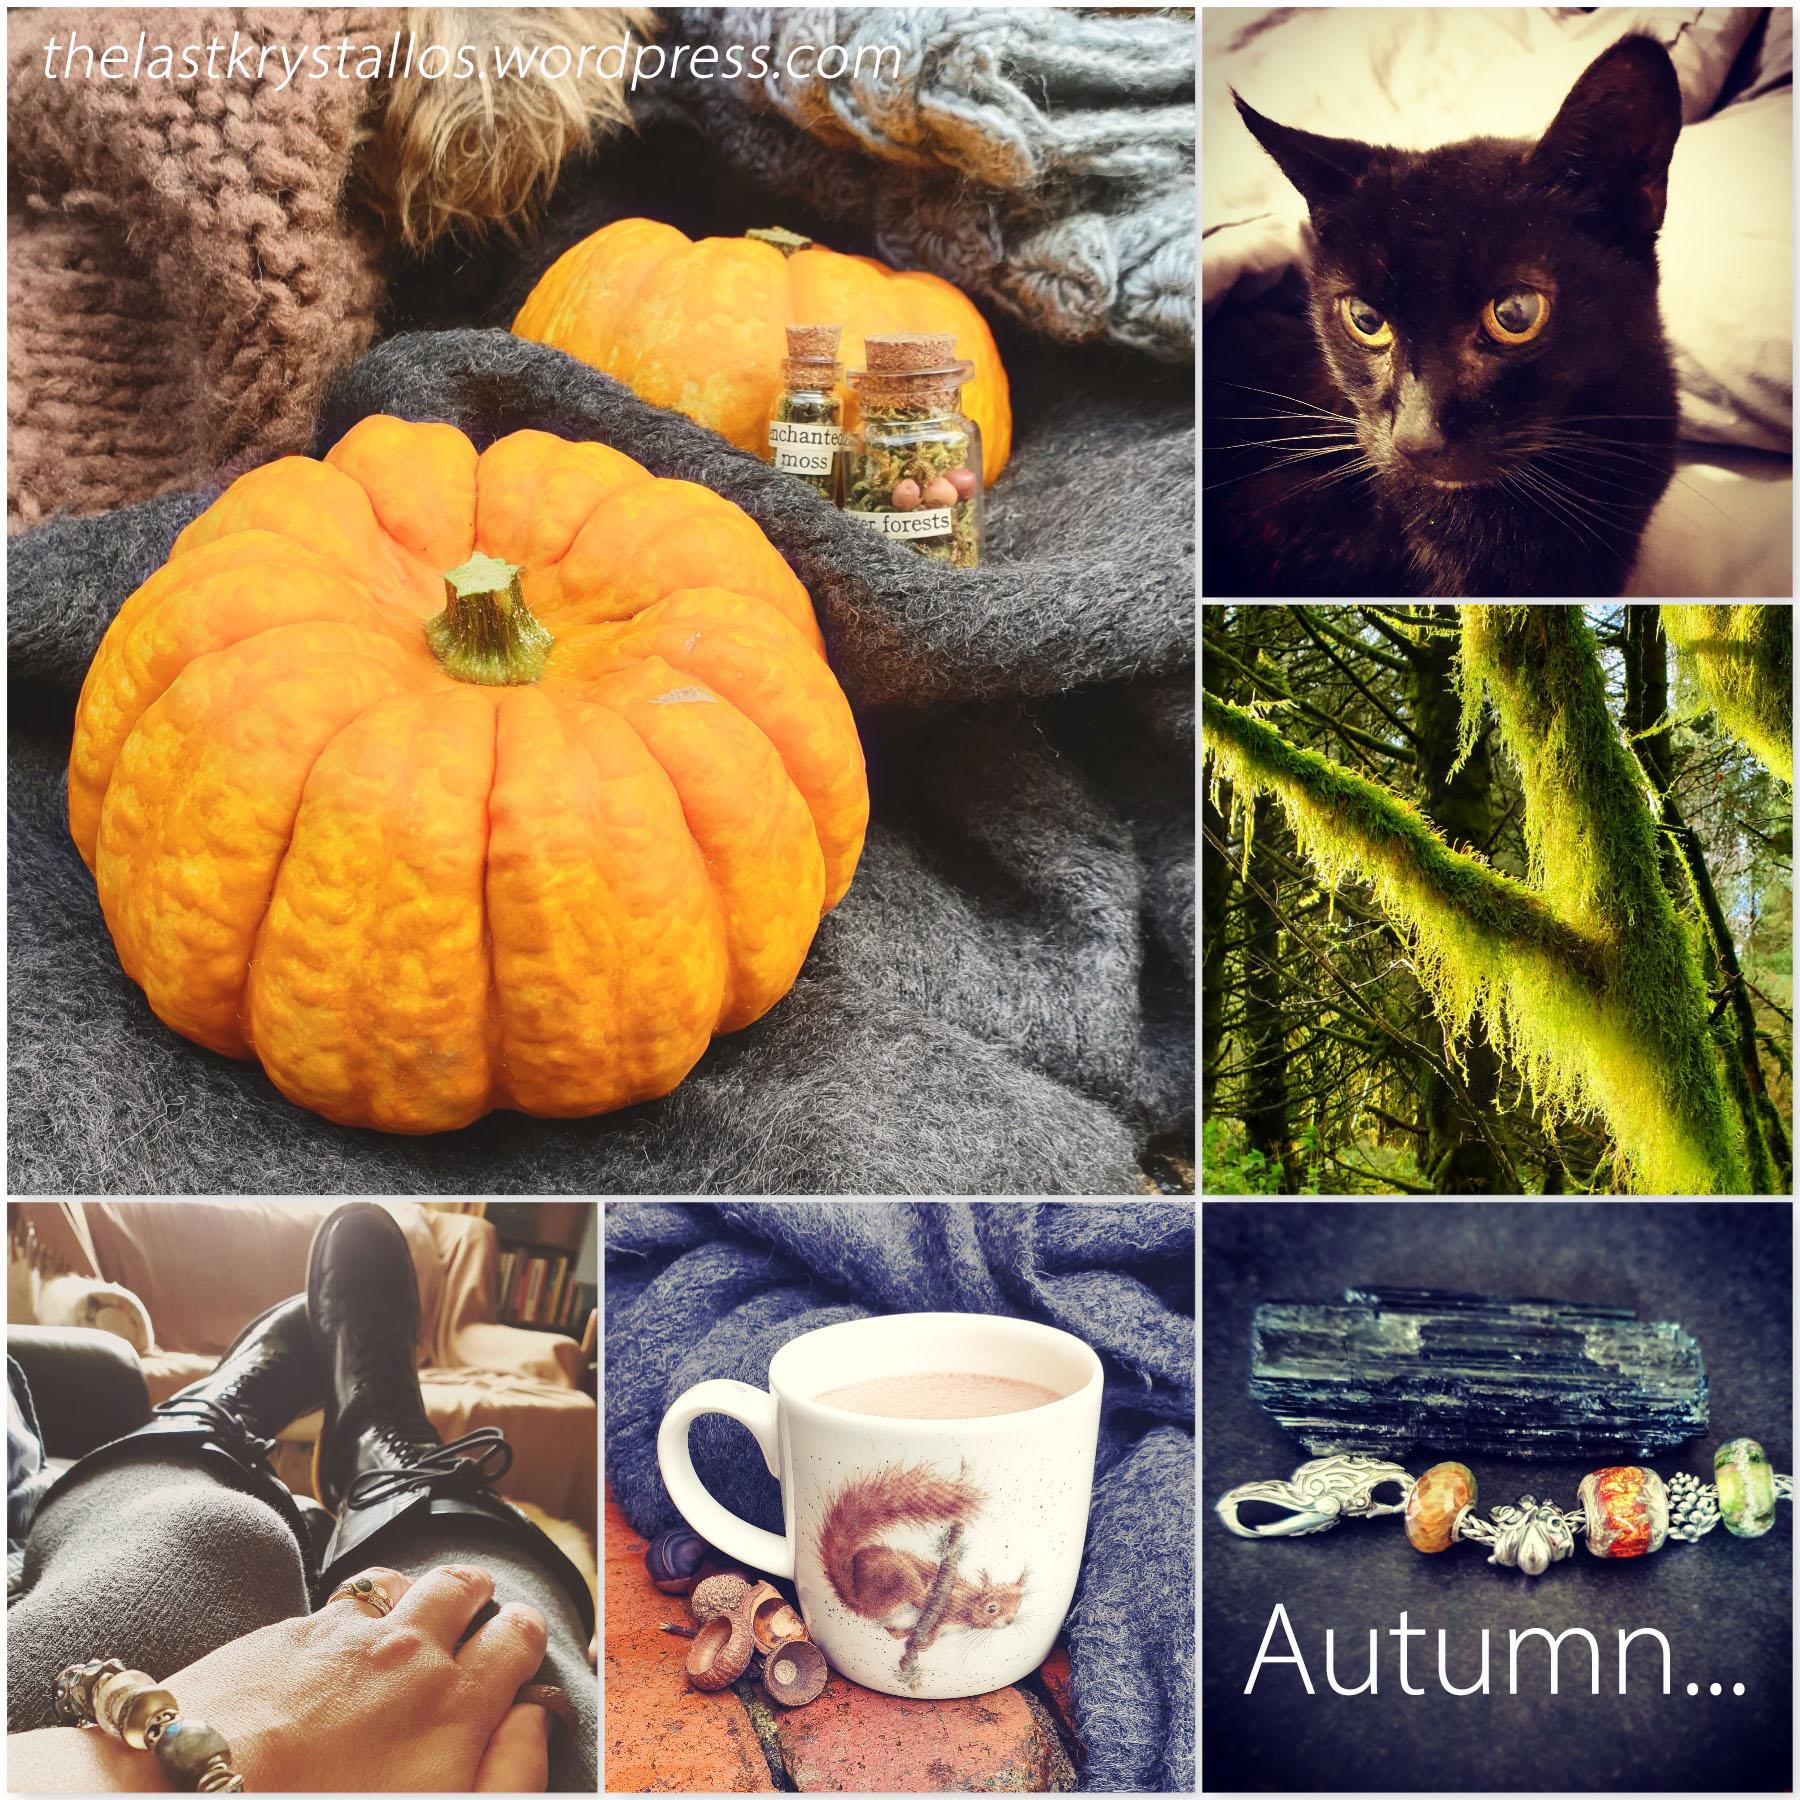 Enchanting October - Autumn - the last krystallos